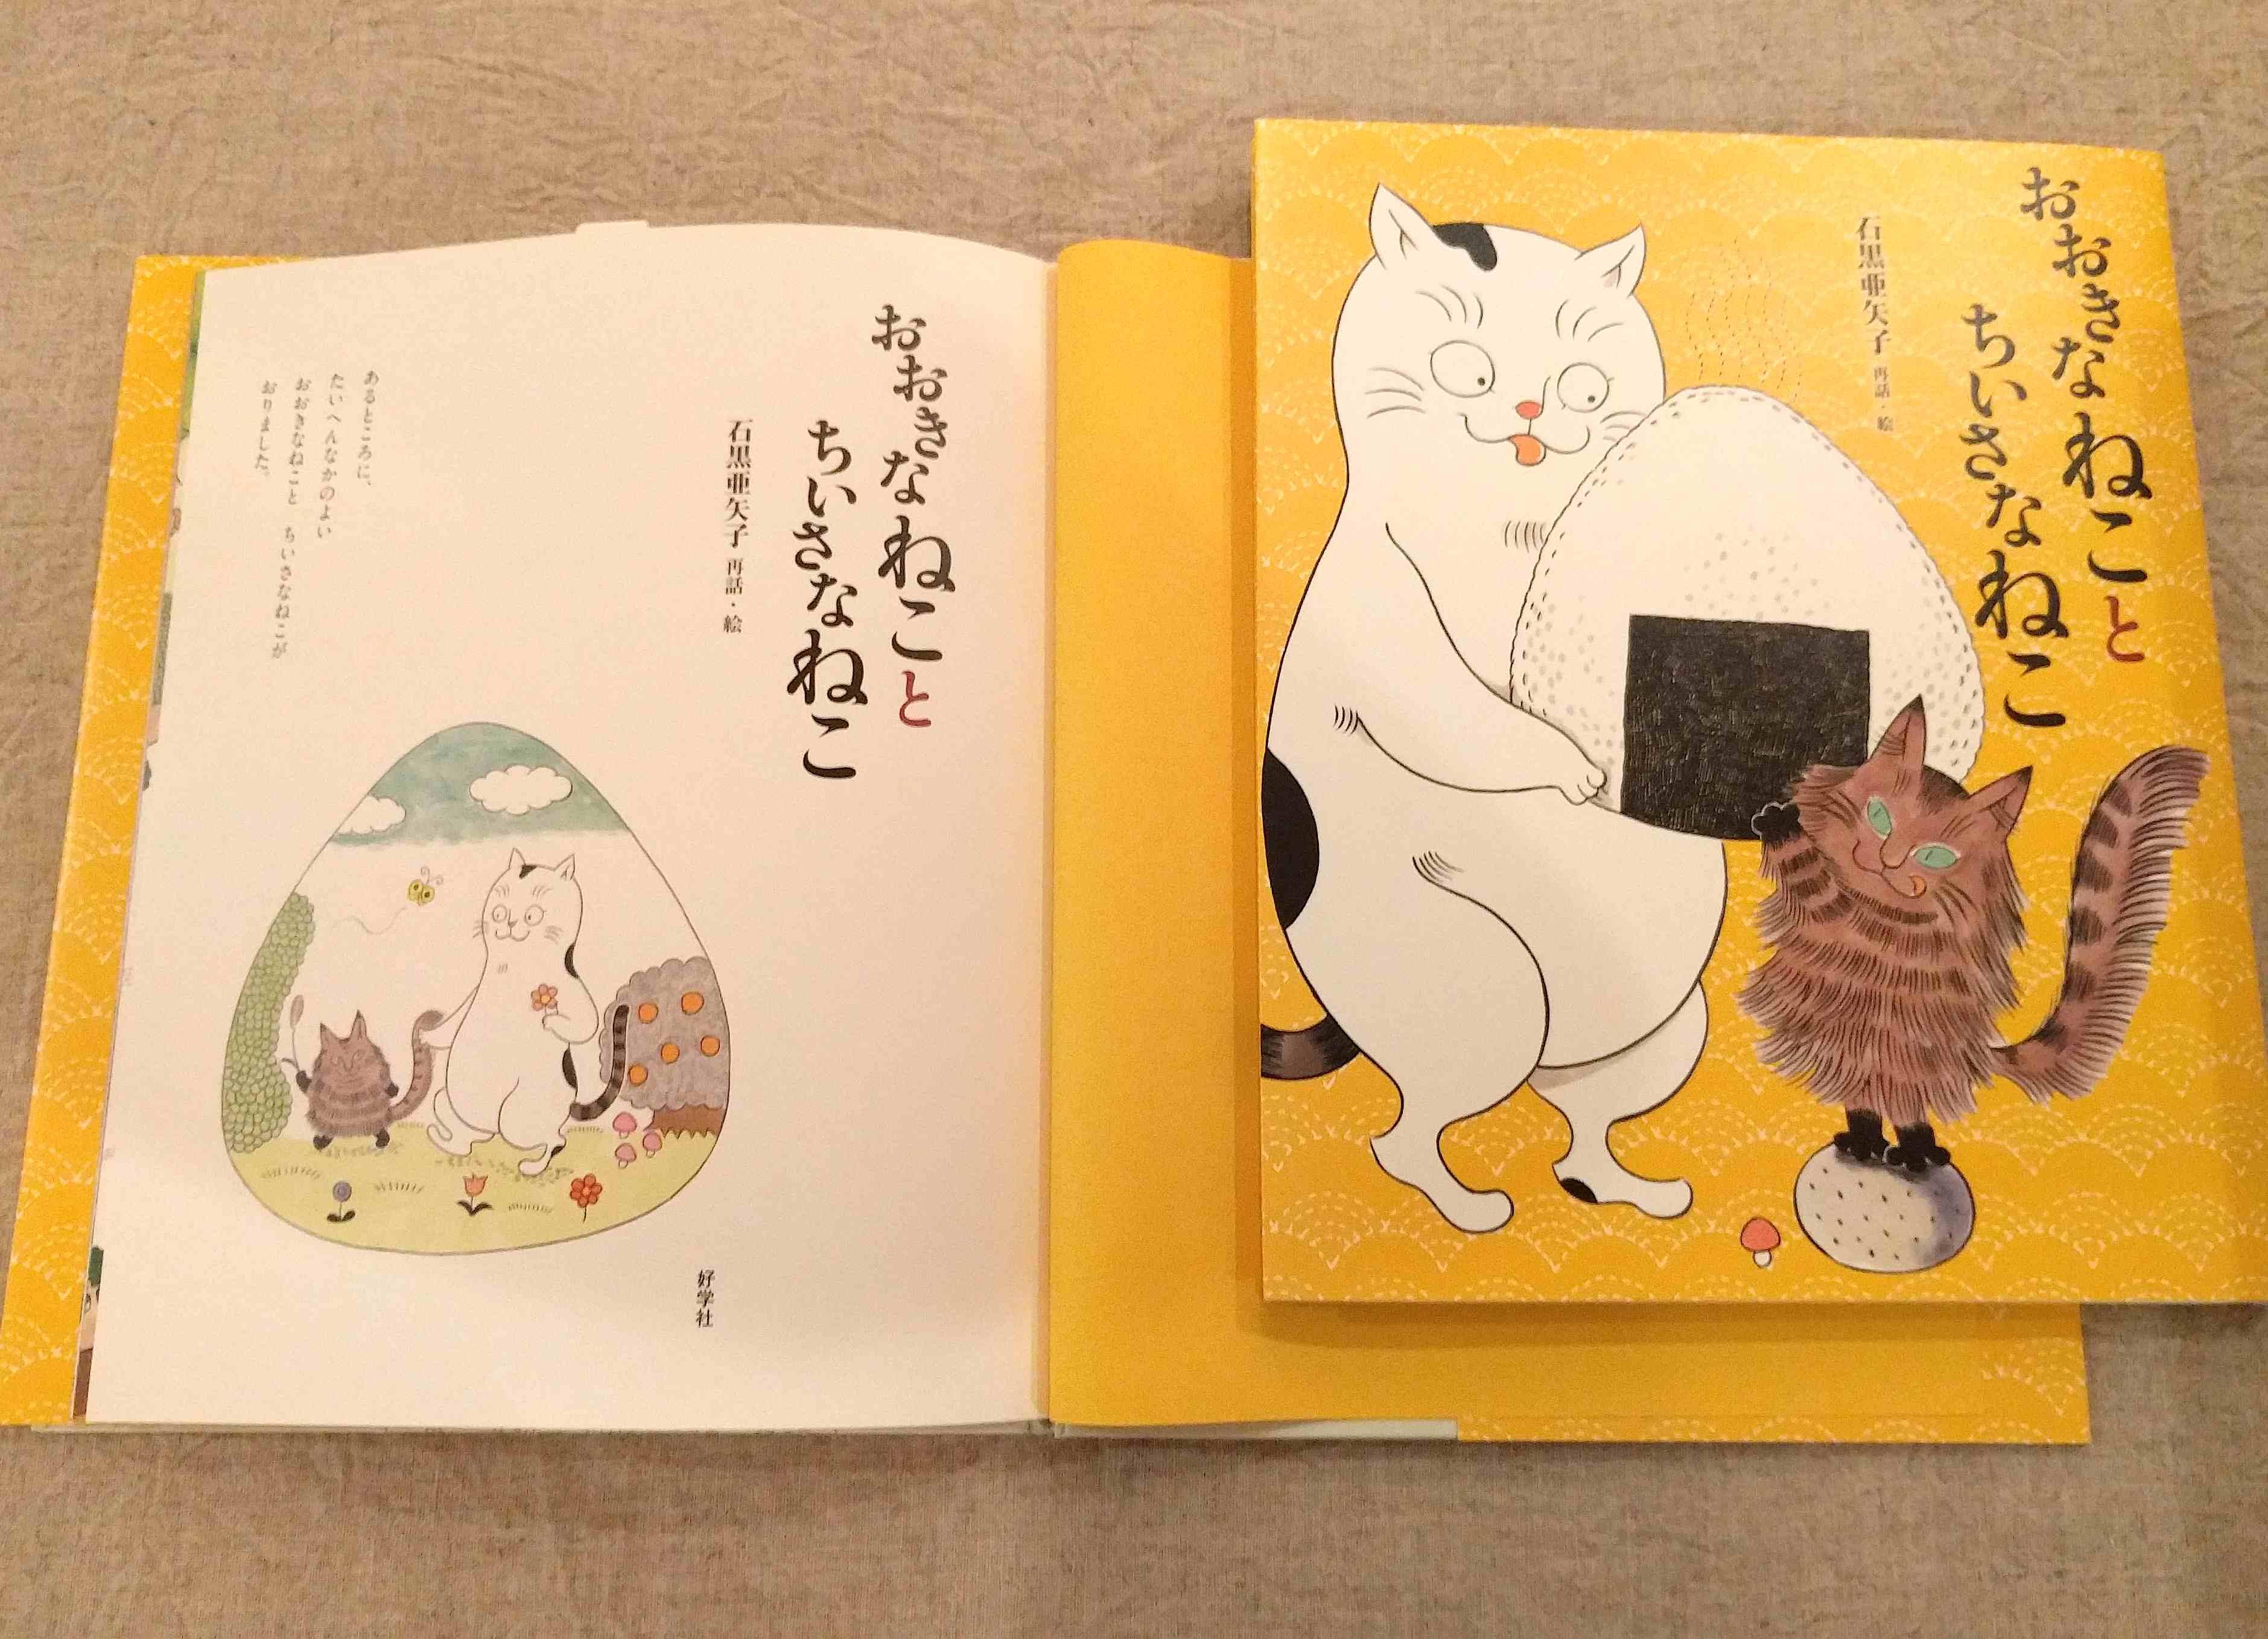 石黒亜矢子さんの絵本のご紹介、1_a0265743_220979.jpg